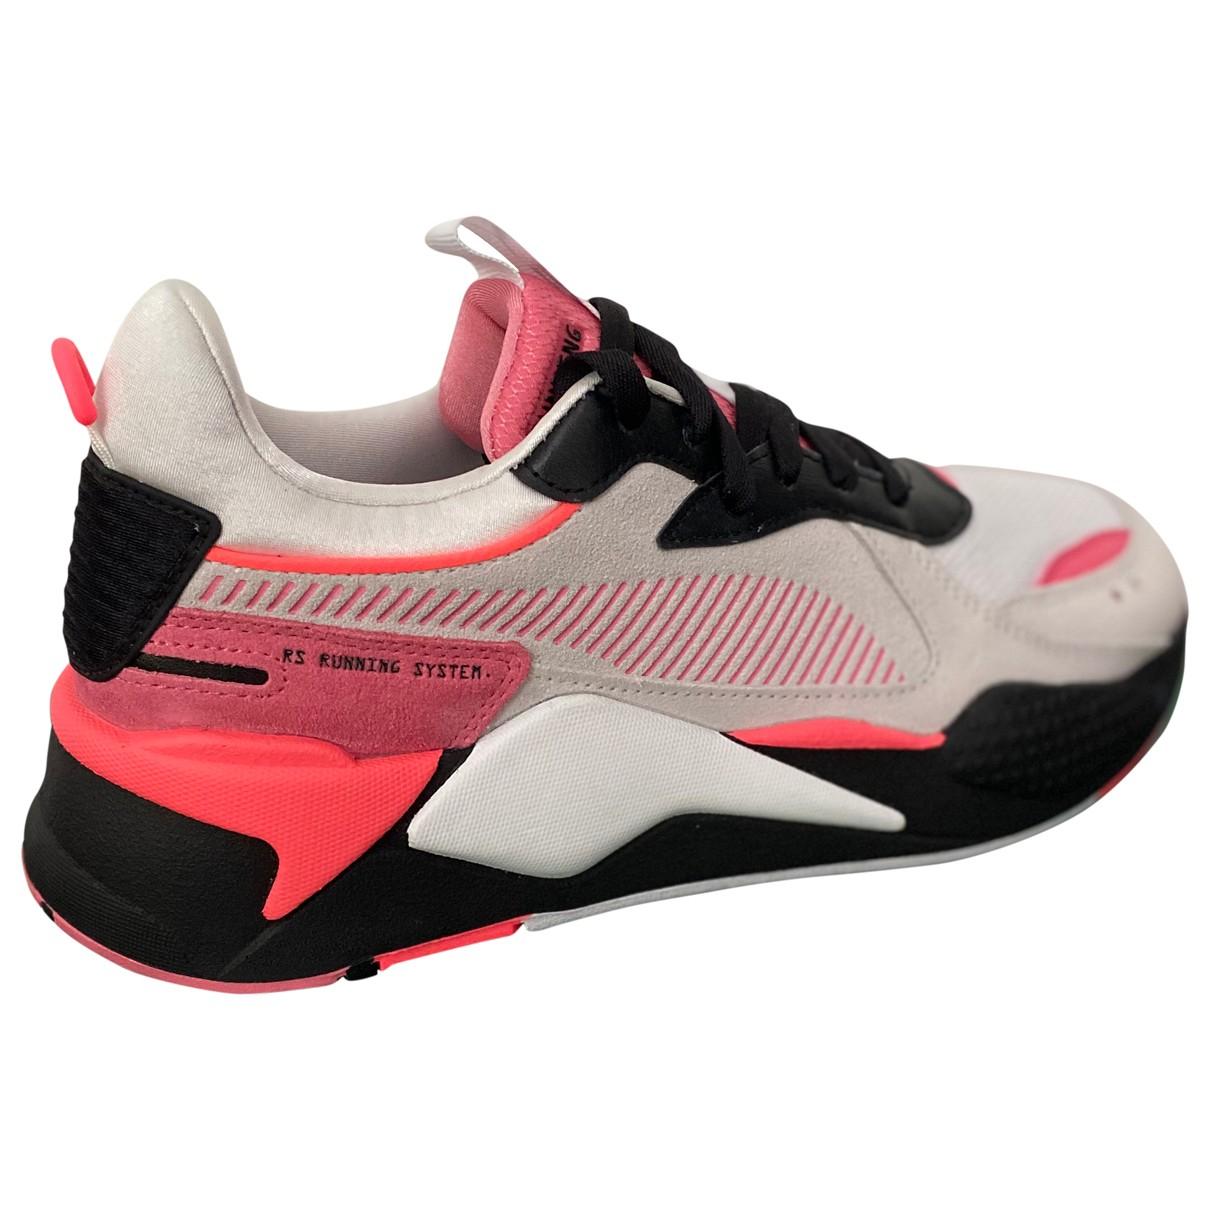 Puma - Baskets   pour femme en suede - multicolore